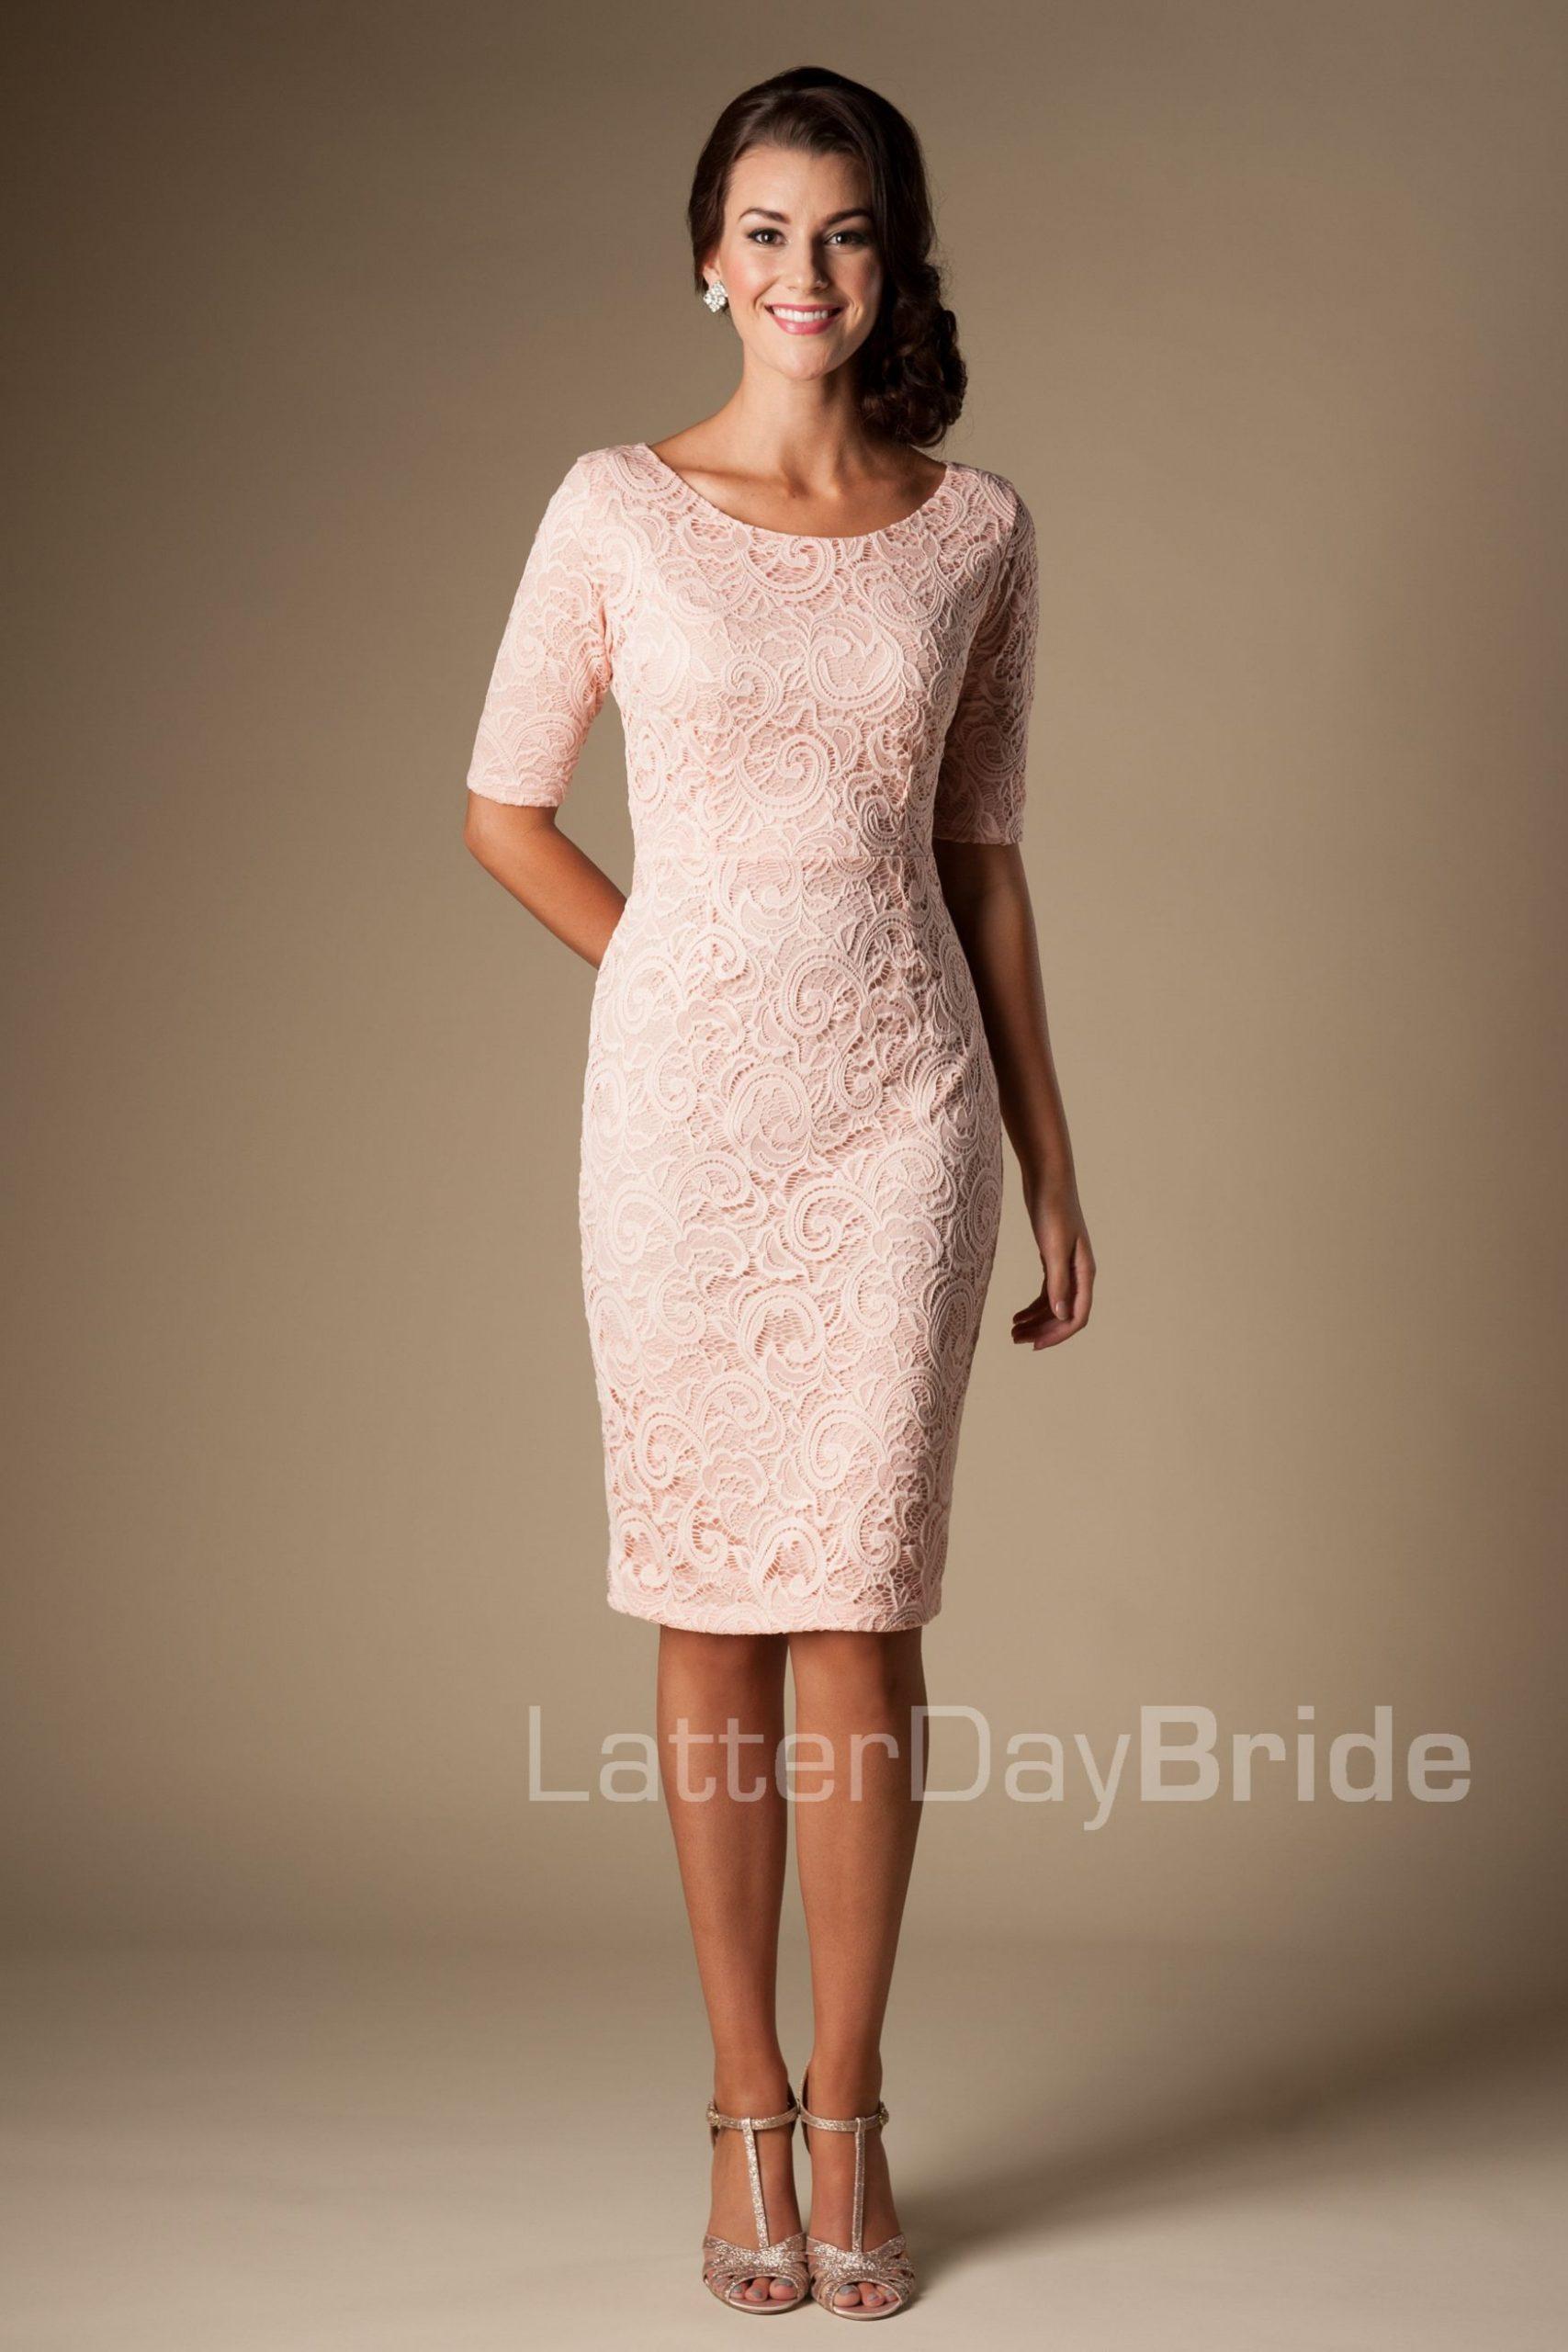 Großartig Edle Kleider Für Hochzeitsgäste VertriebFormal Cool Edle Kleider Für Hochzeitsgäste Spezialgebiet